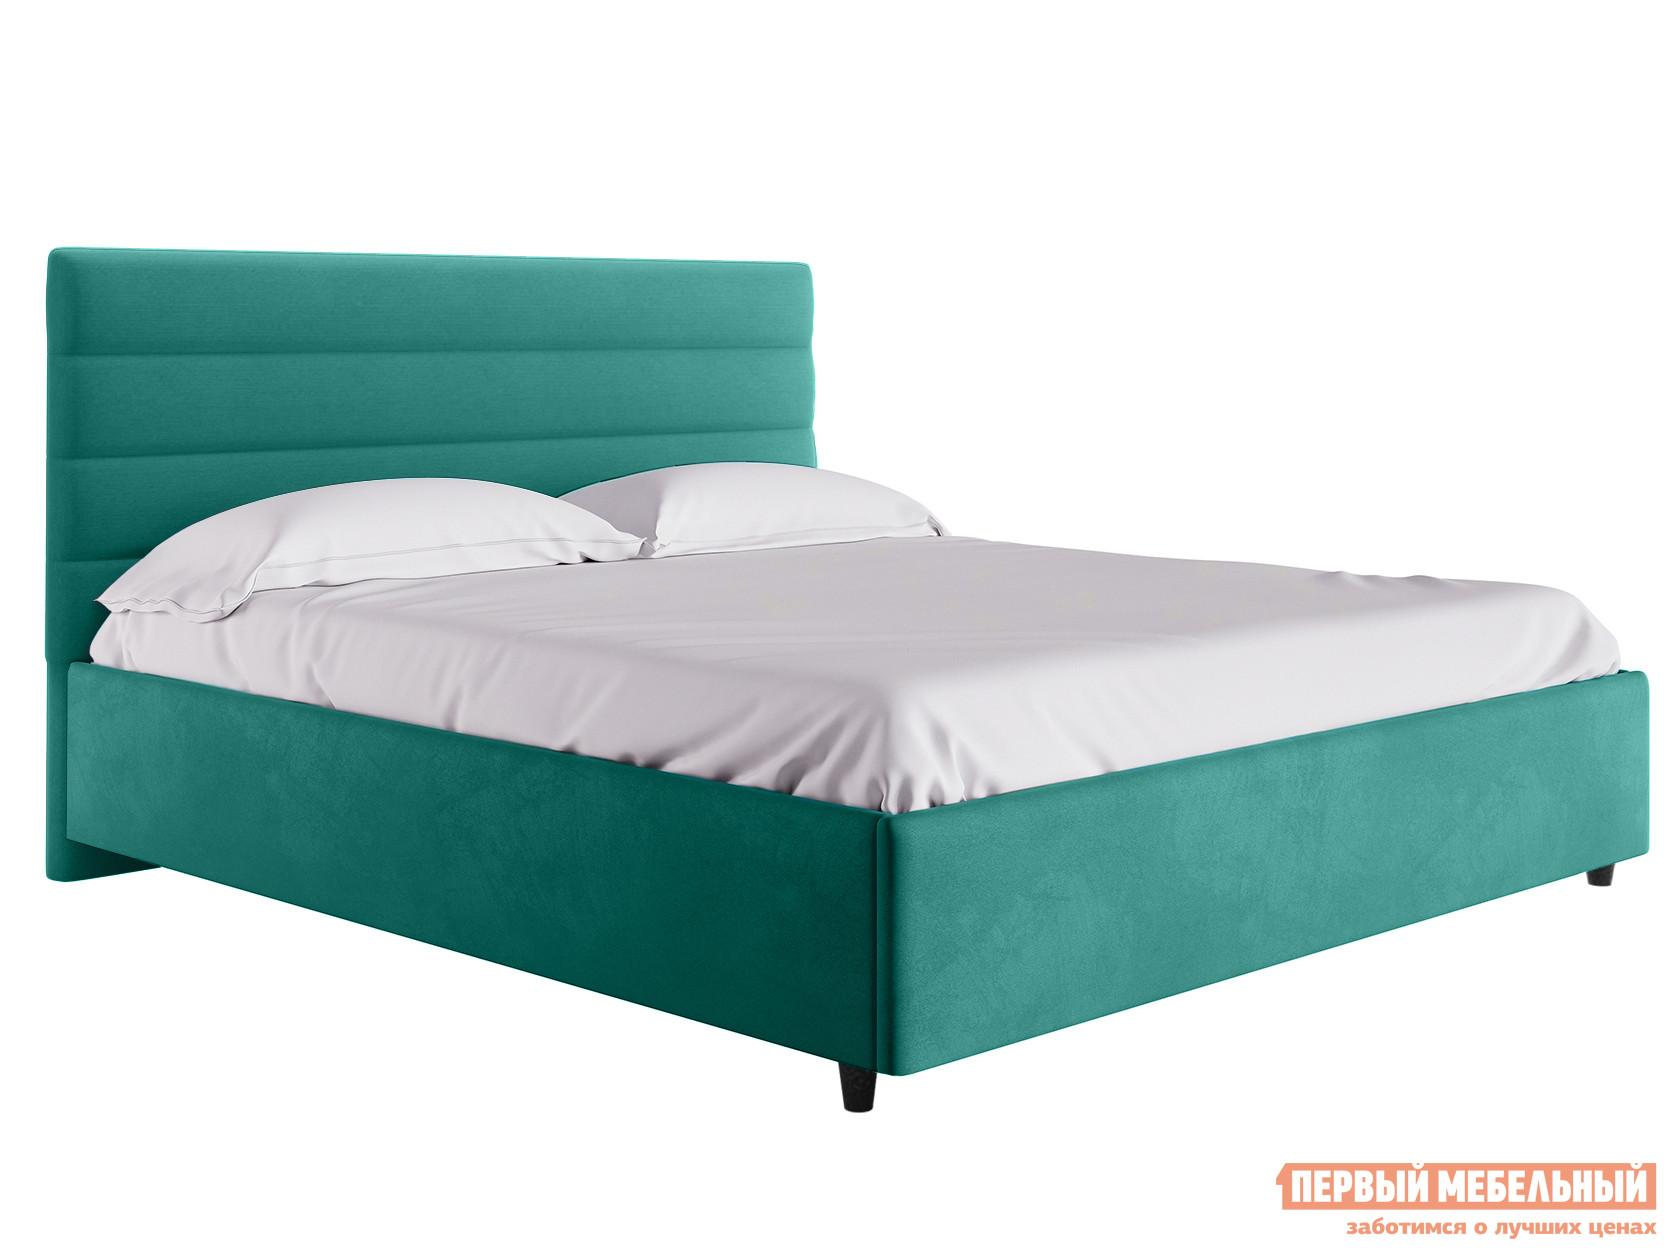 Двуспальная кровать  Кровать с подъемным механизмом Франческа ПМ Мятный, велюр, 1600 Х 2000 мм